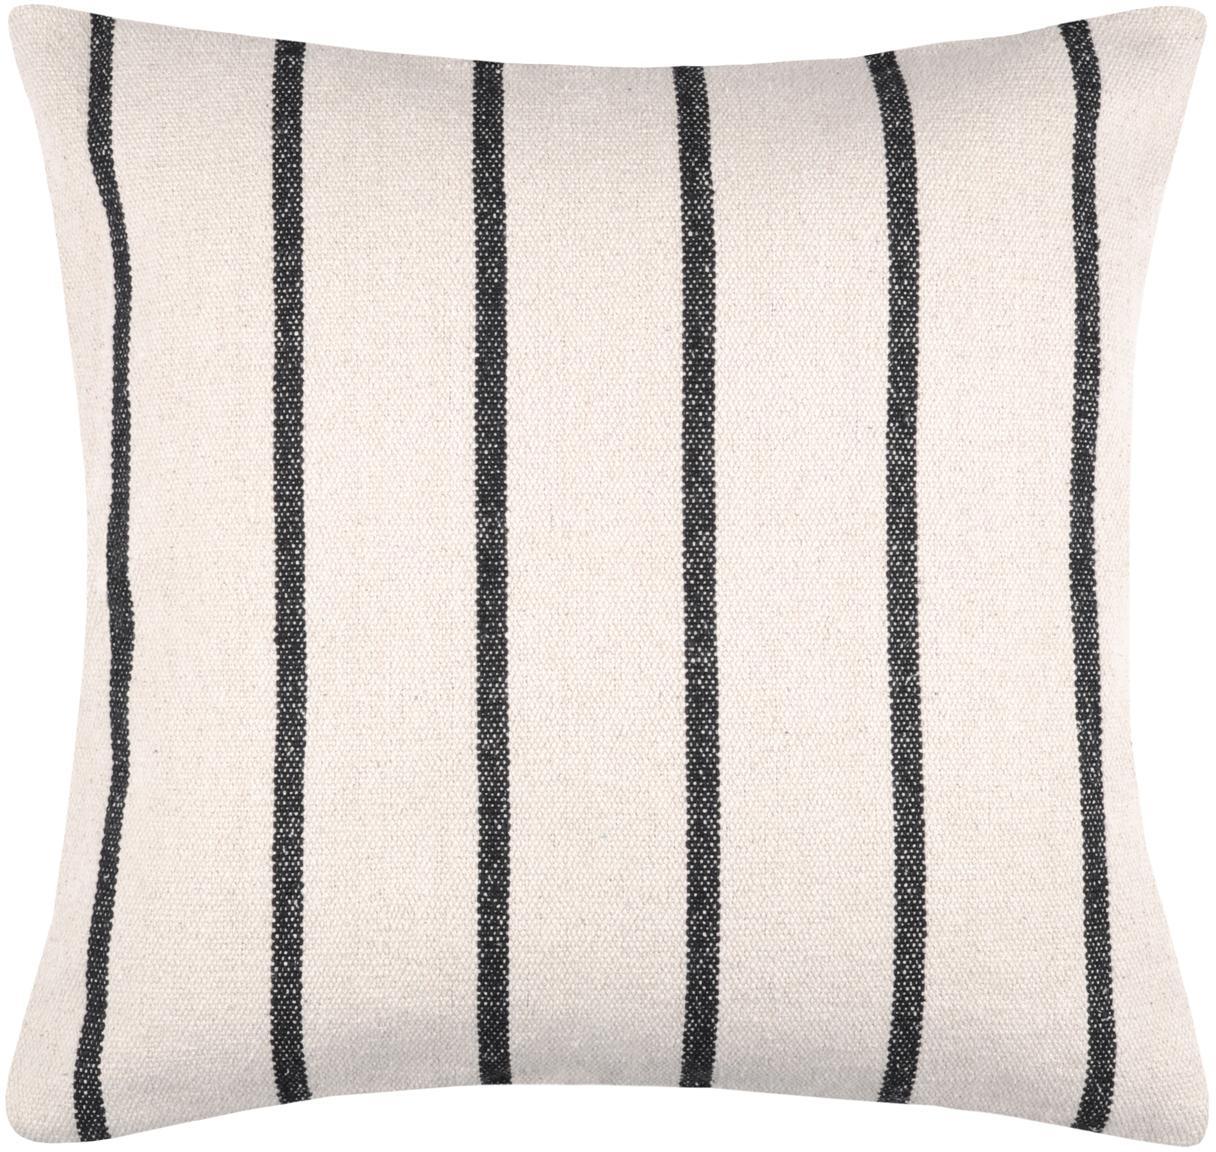 Gestreiftes Kissen St Trop, mit Inlett, Bezug: 100% Baumwolle, Schwarz, Weiß, 50 x 50 cm